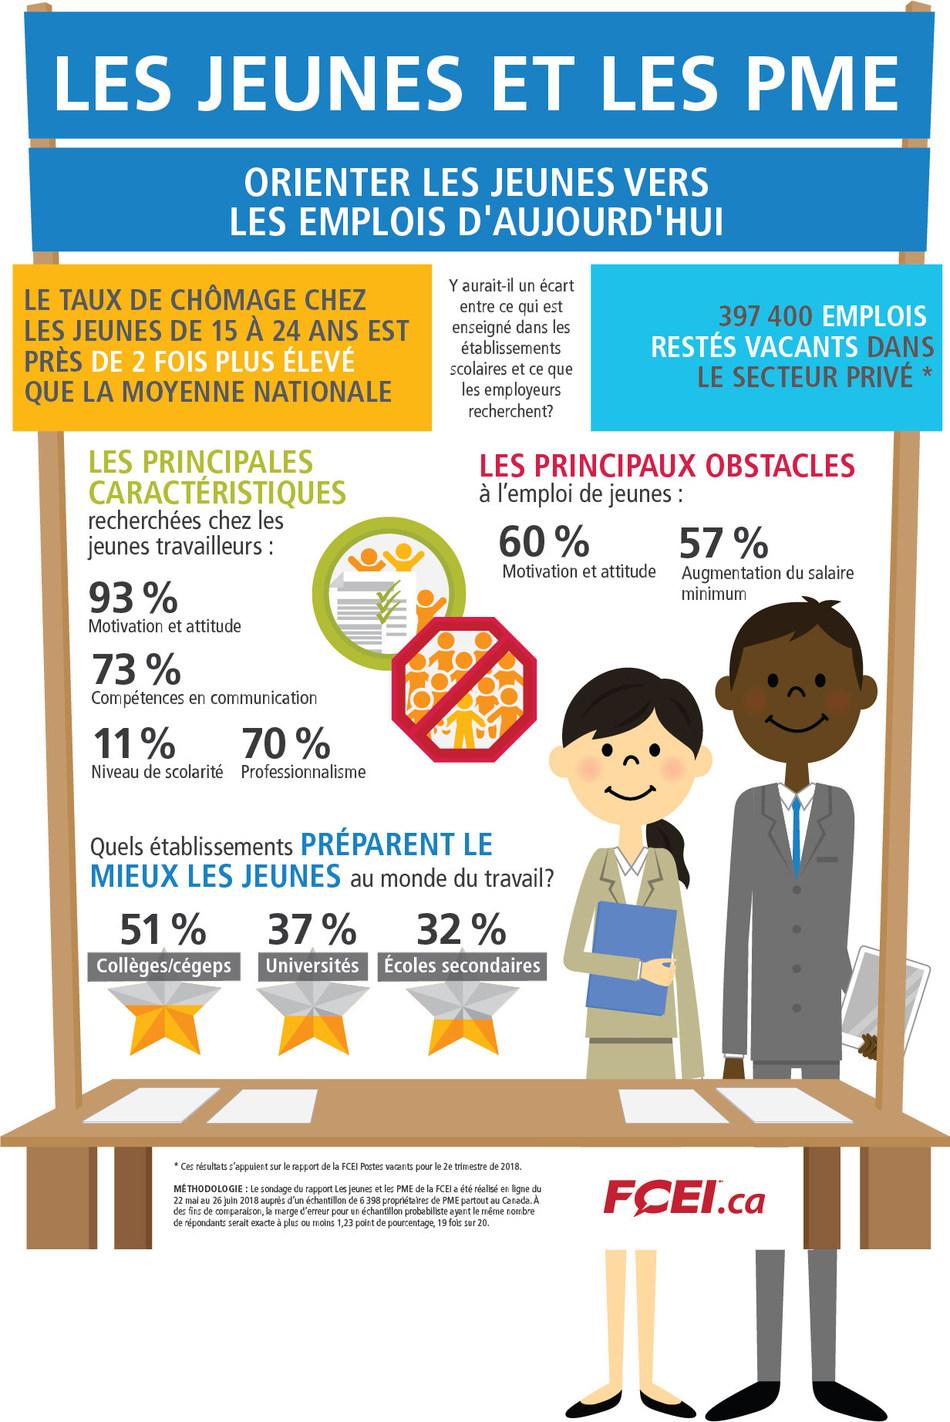 Pénurie de main-d'œuvre : les jeunes font partie de la solution (Groupe CNW/Fédération canadienne de l'entreprise indépendante)